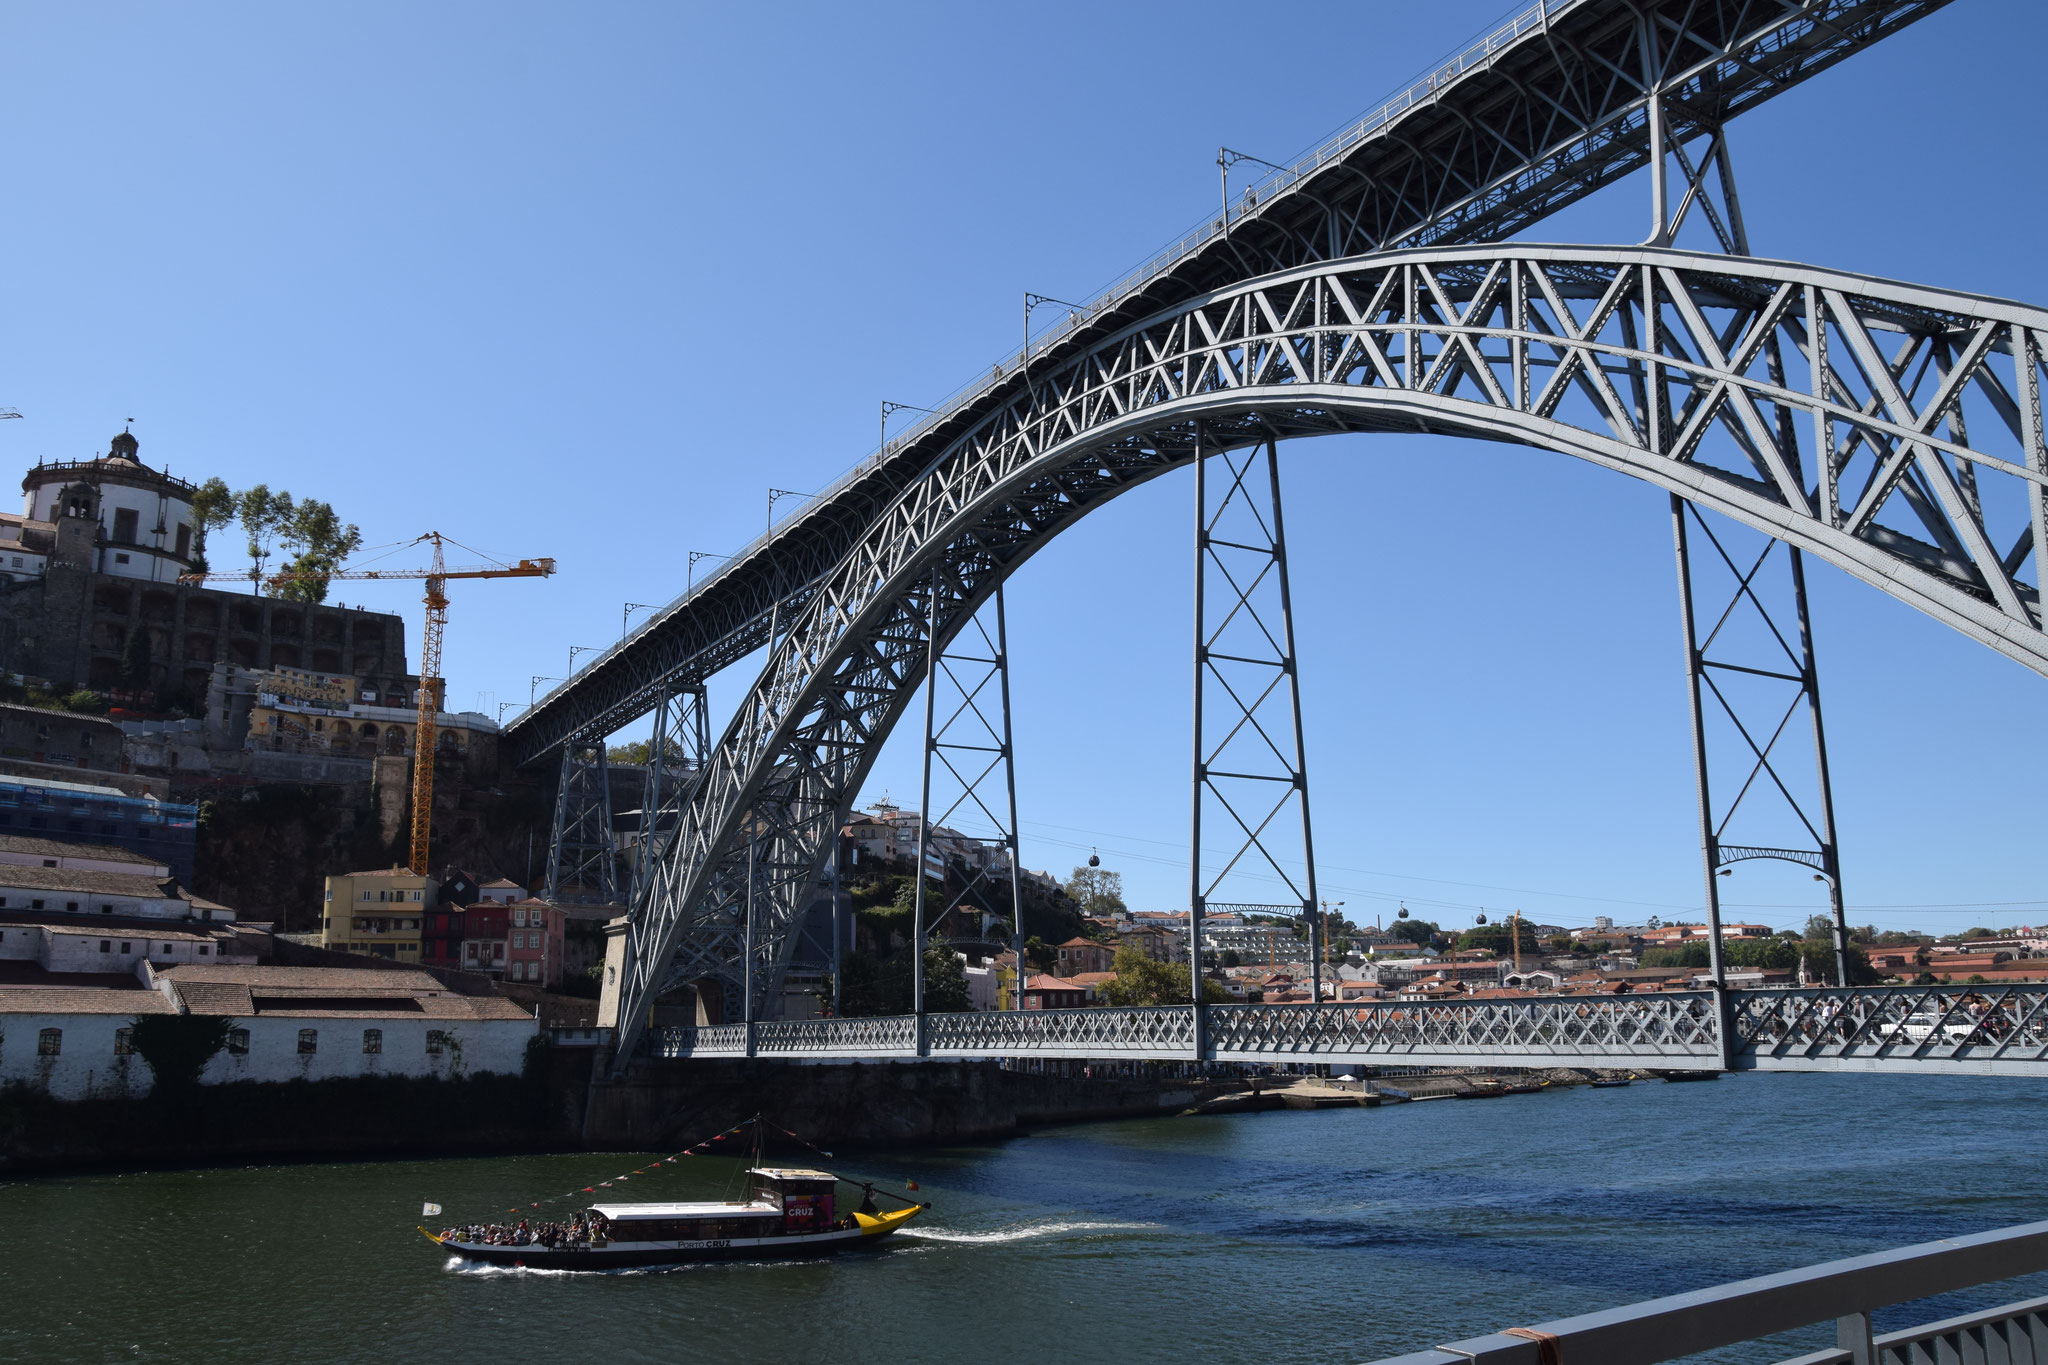 Die zweistöckige Brücke 'Ponte Dom Luis I' von Gustav Eiffel